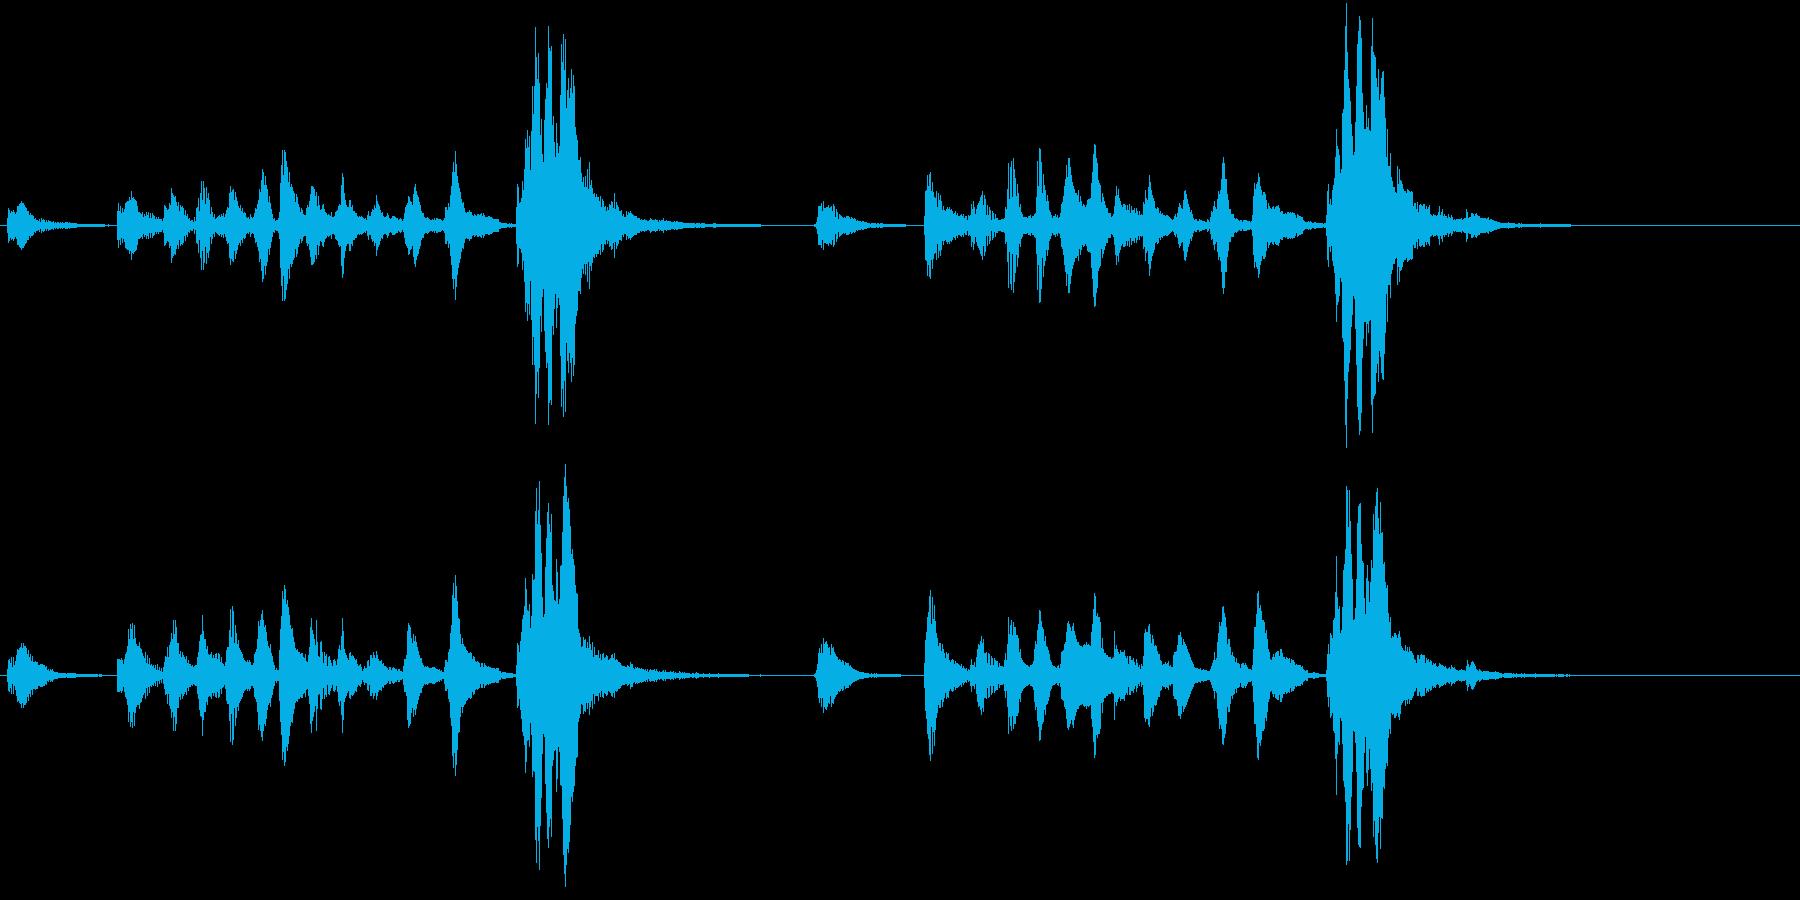 トムとジェリー風なアニメ音楽「忍び足」5の再生済みの波形